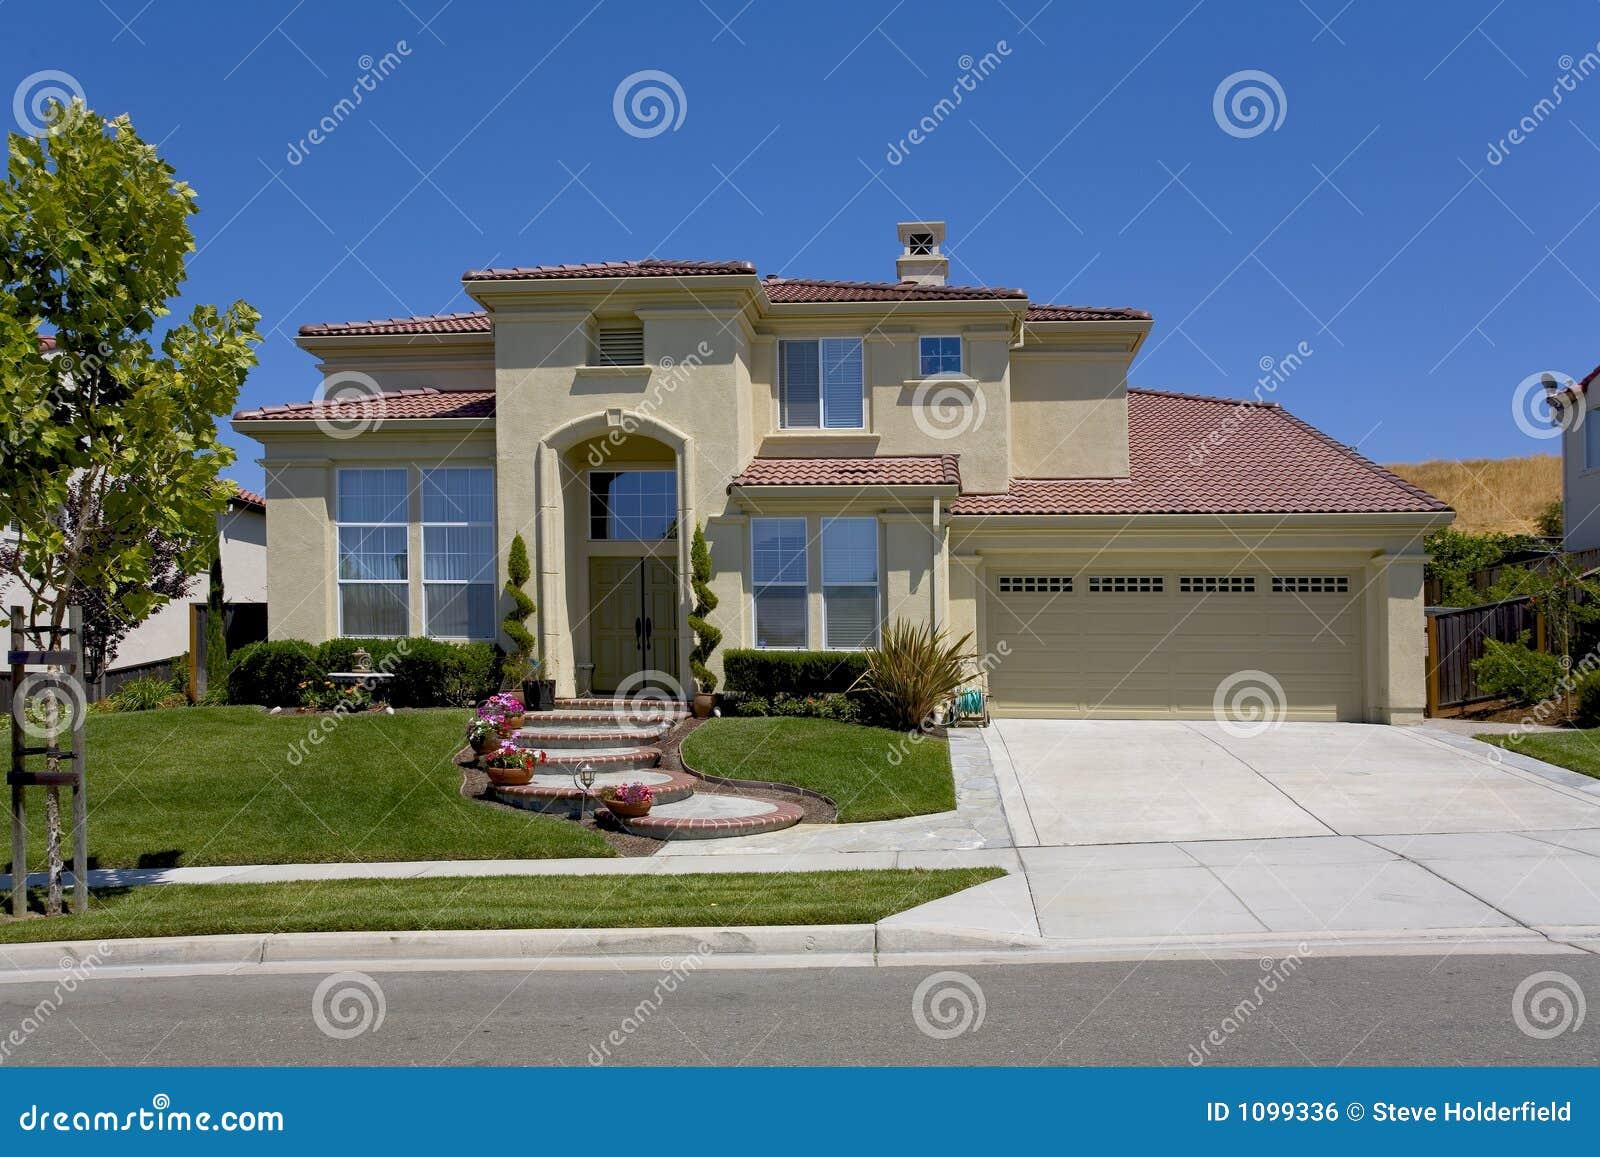 Pi nuova casa a due piani spagnola immagine stock libera for Nuova casa in stile